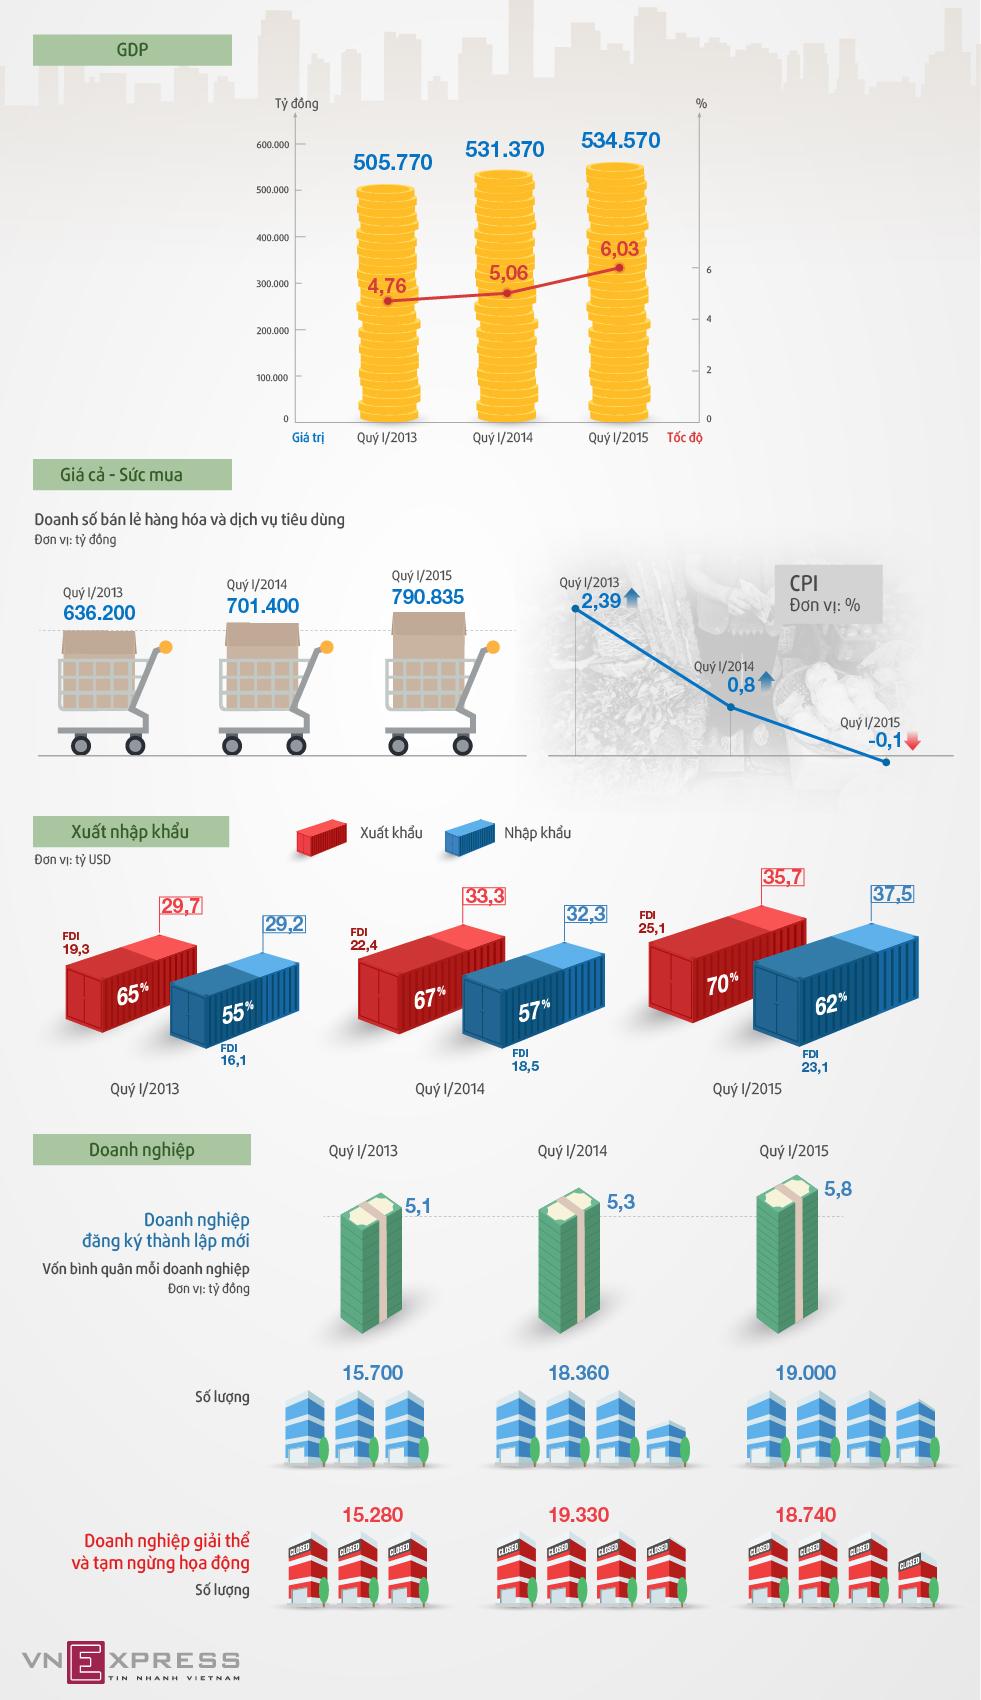 Điểm nhấn kinh tế quý I/2015